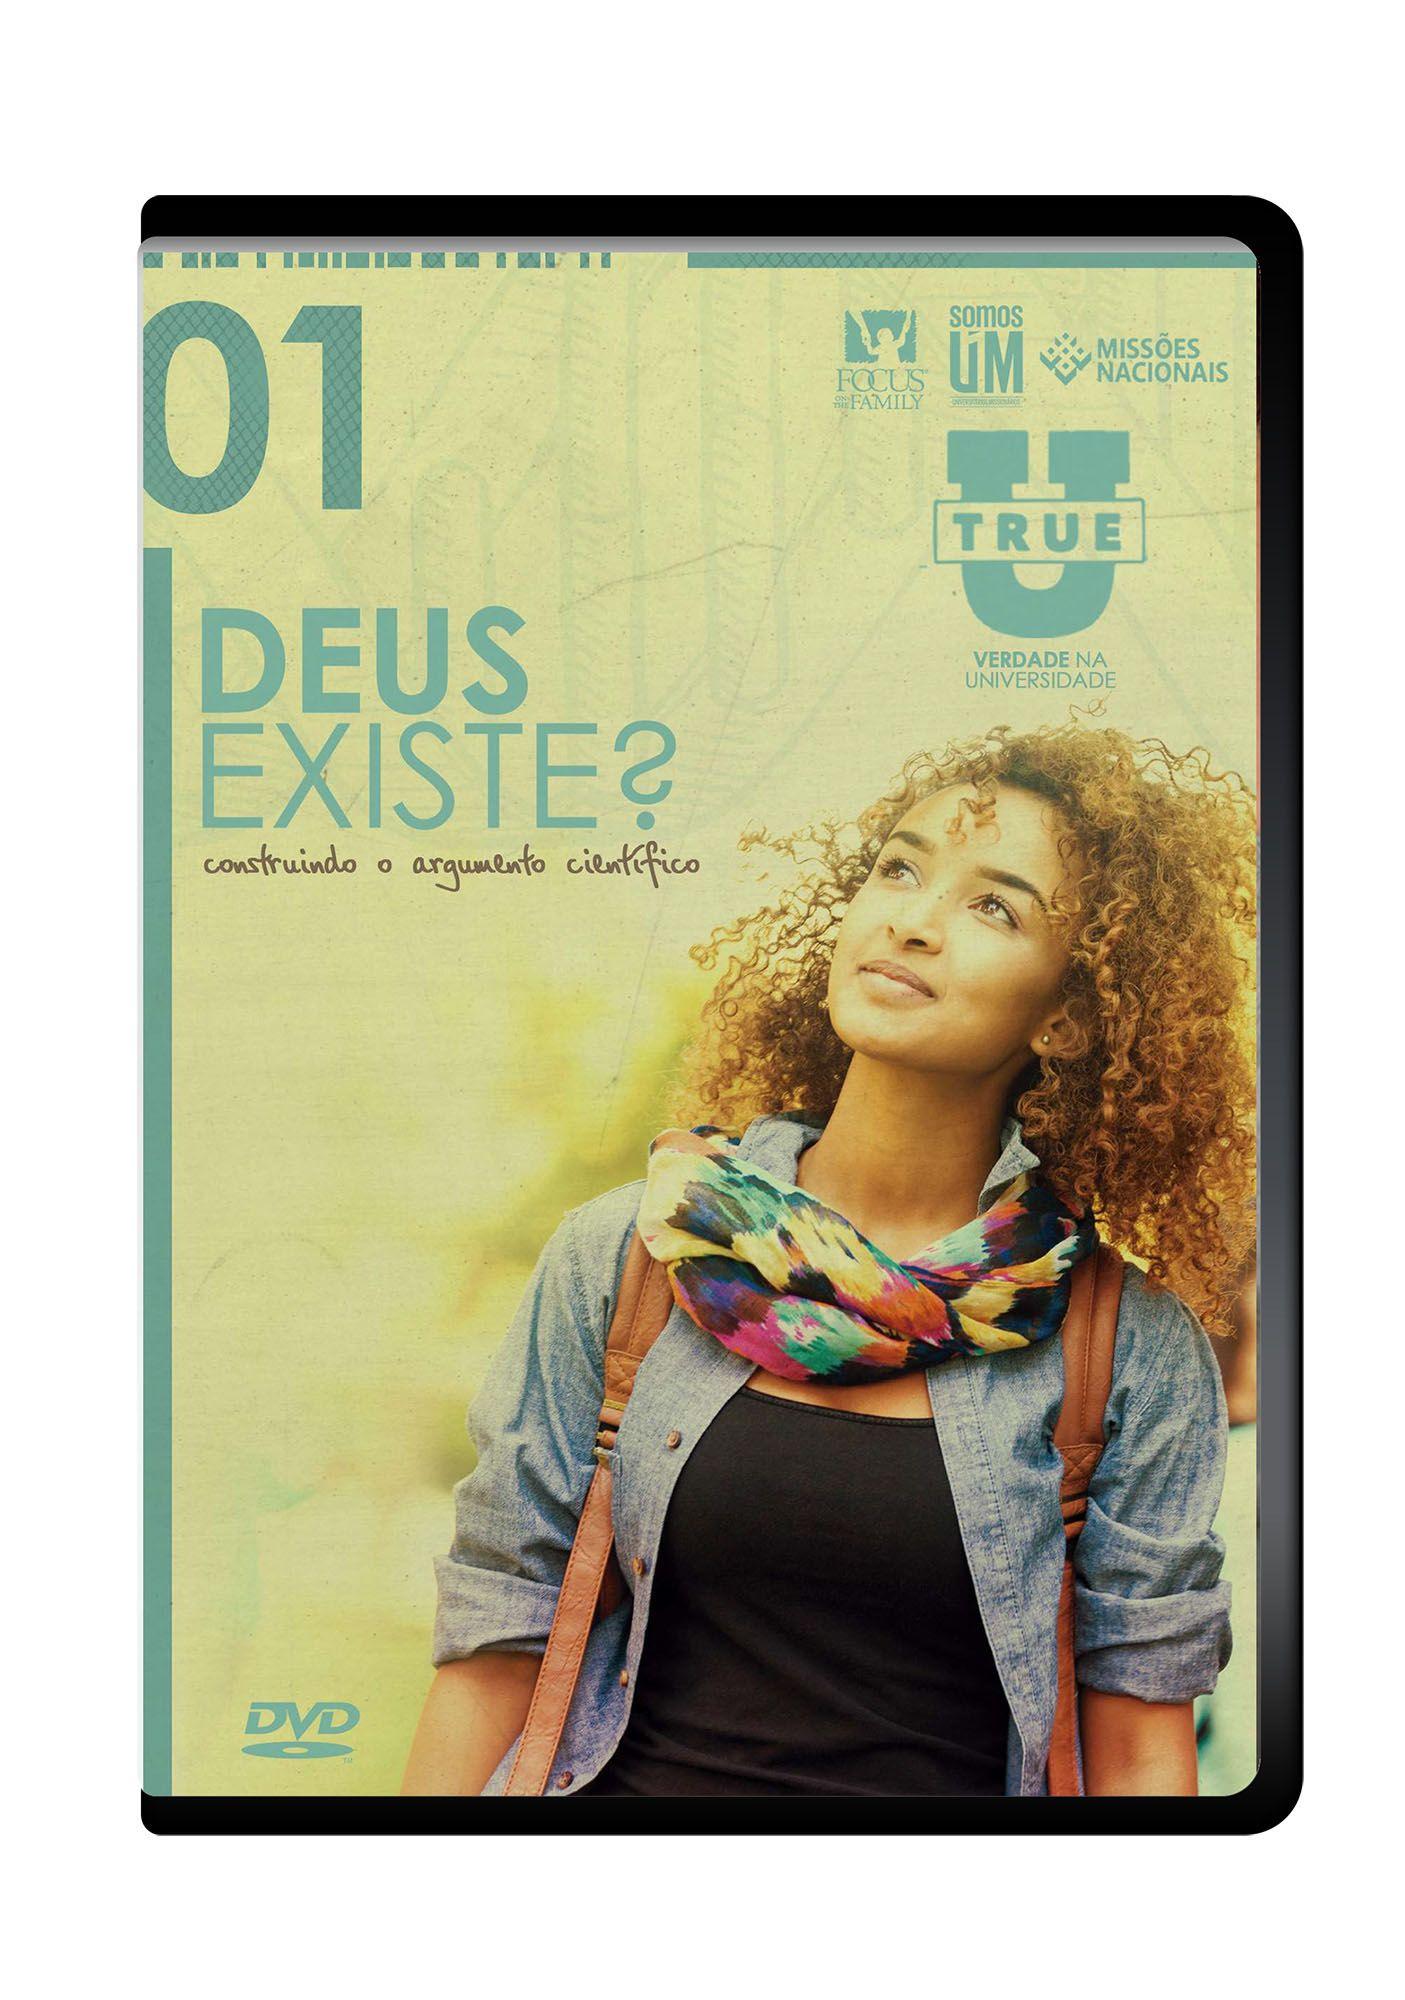 DVD True U - Verdade na Universidade. Vol. 1